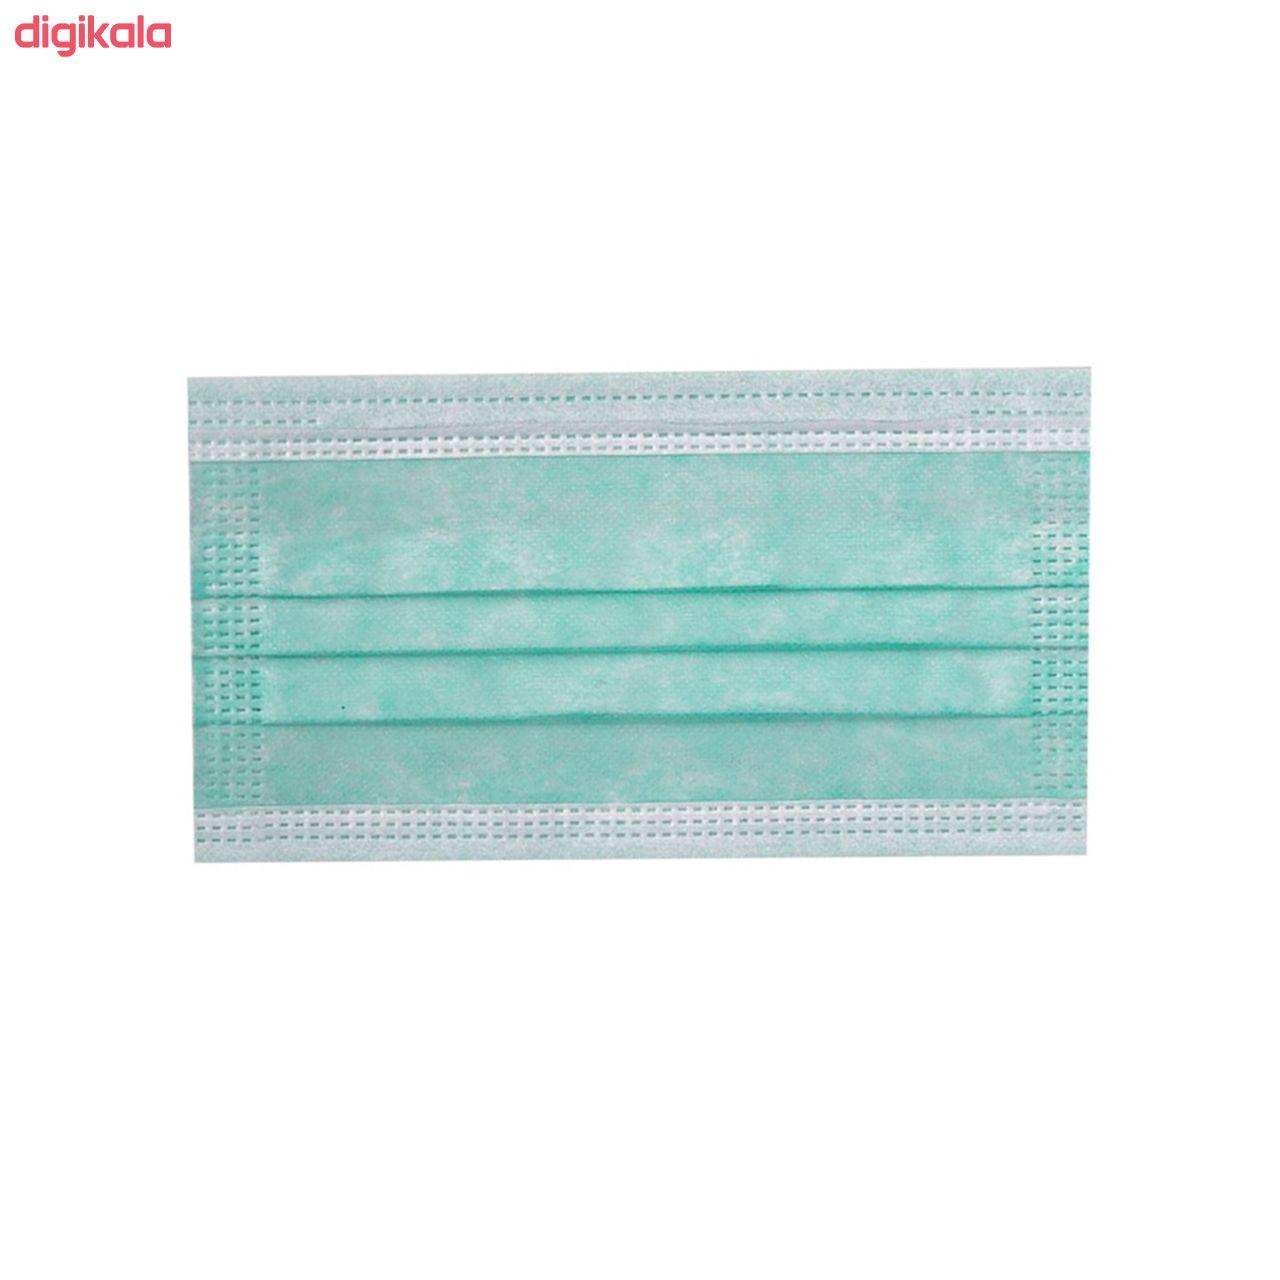 ماسک تنفسی انزانی مدل LG12 بسته 50 عددی main 1 1